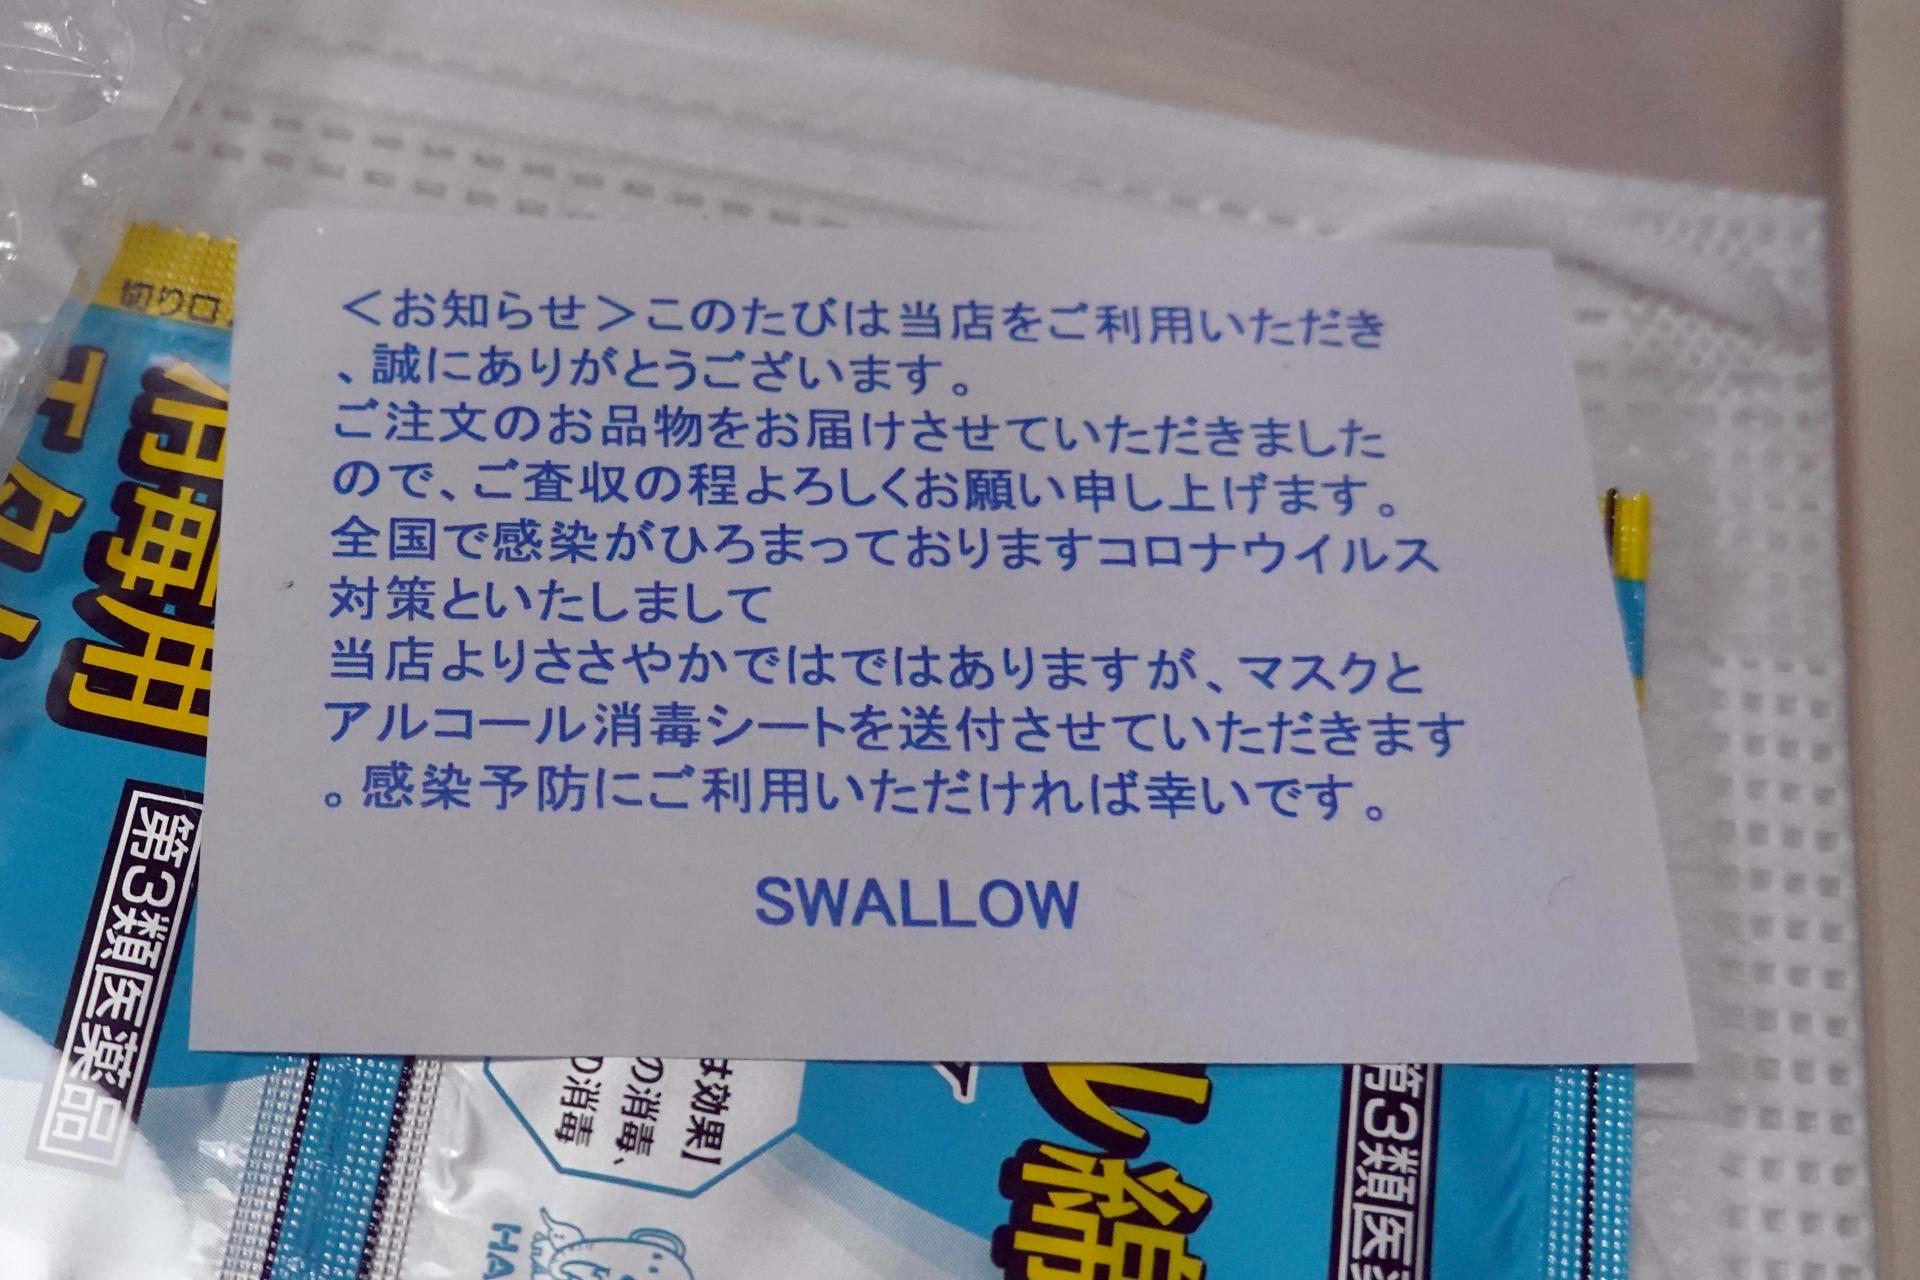 SWALLOWお礼の手紙